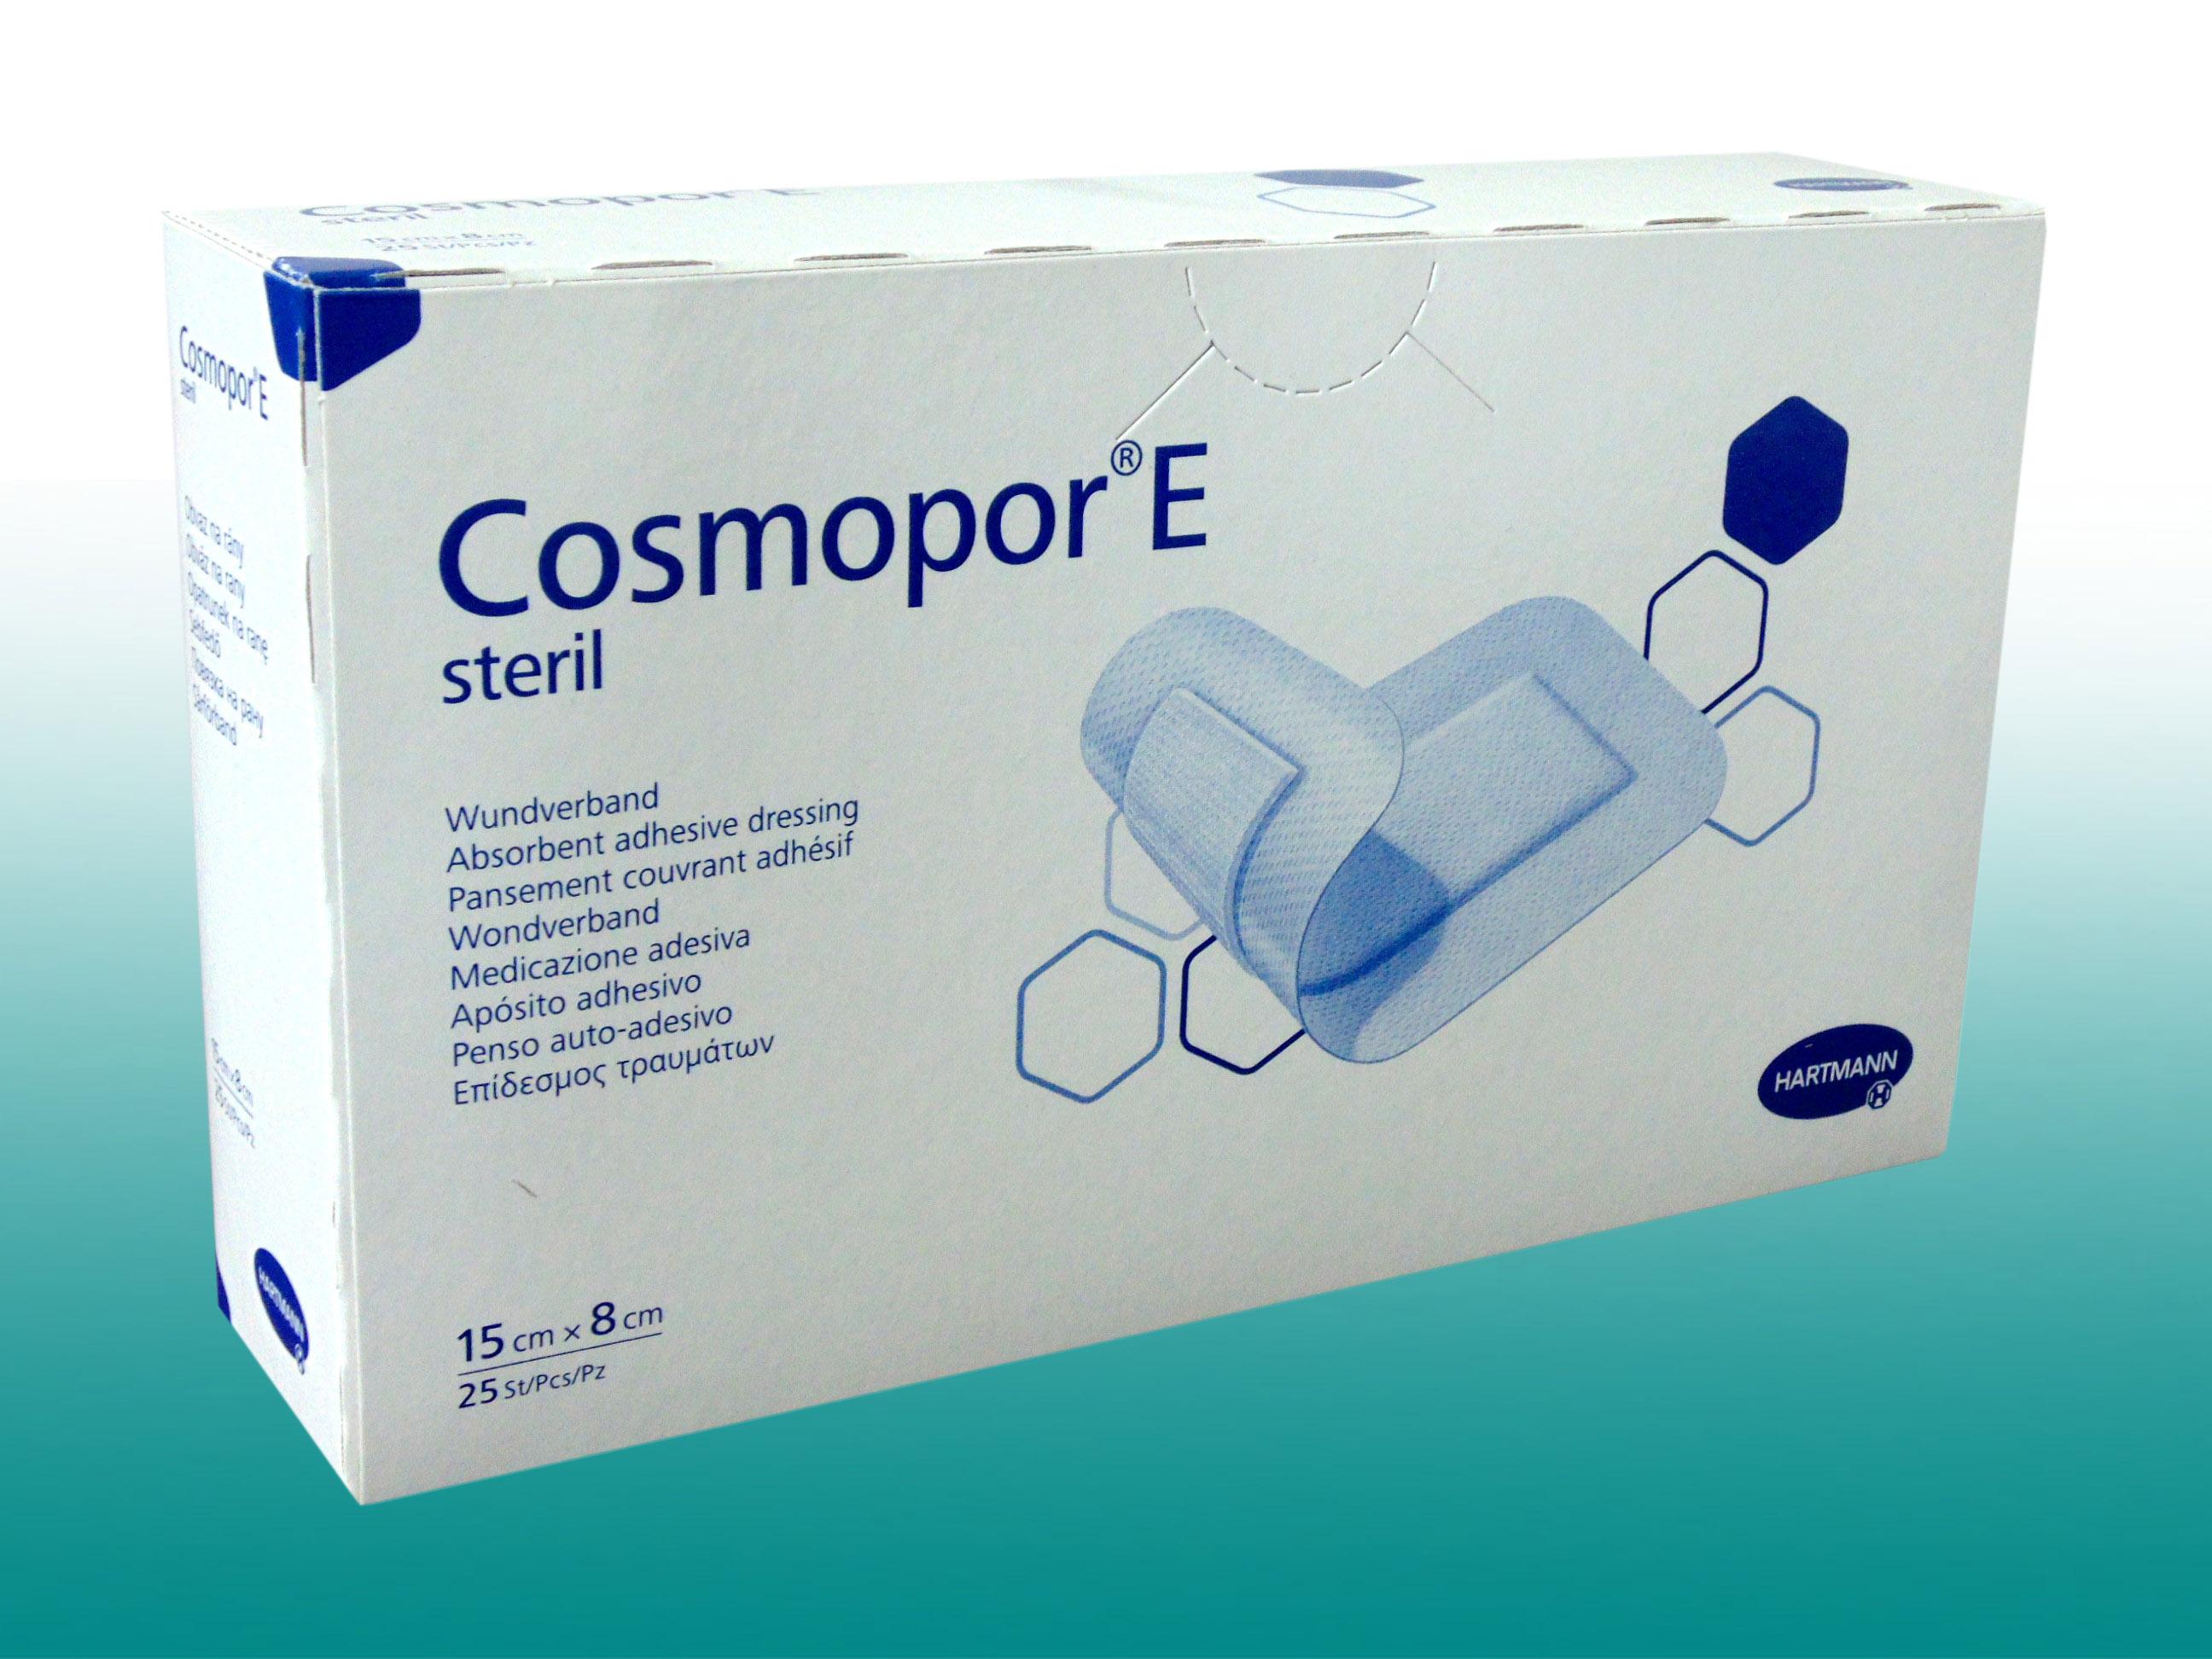 25 Pflaster steril, 15cm x 8cm Wundpflaster Wundverband COSMOPOR E ...